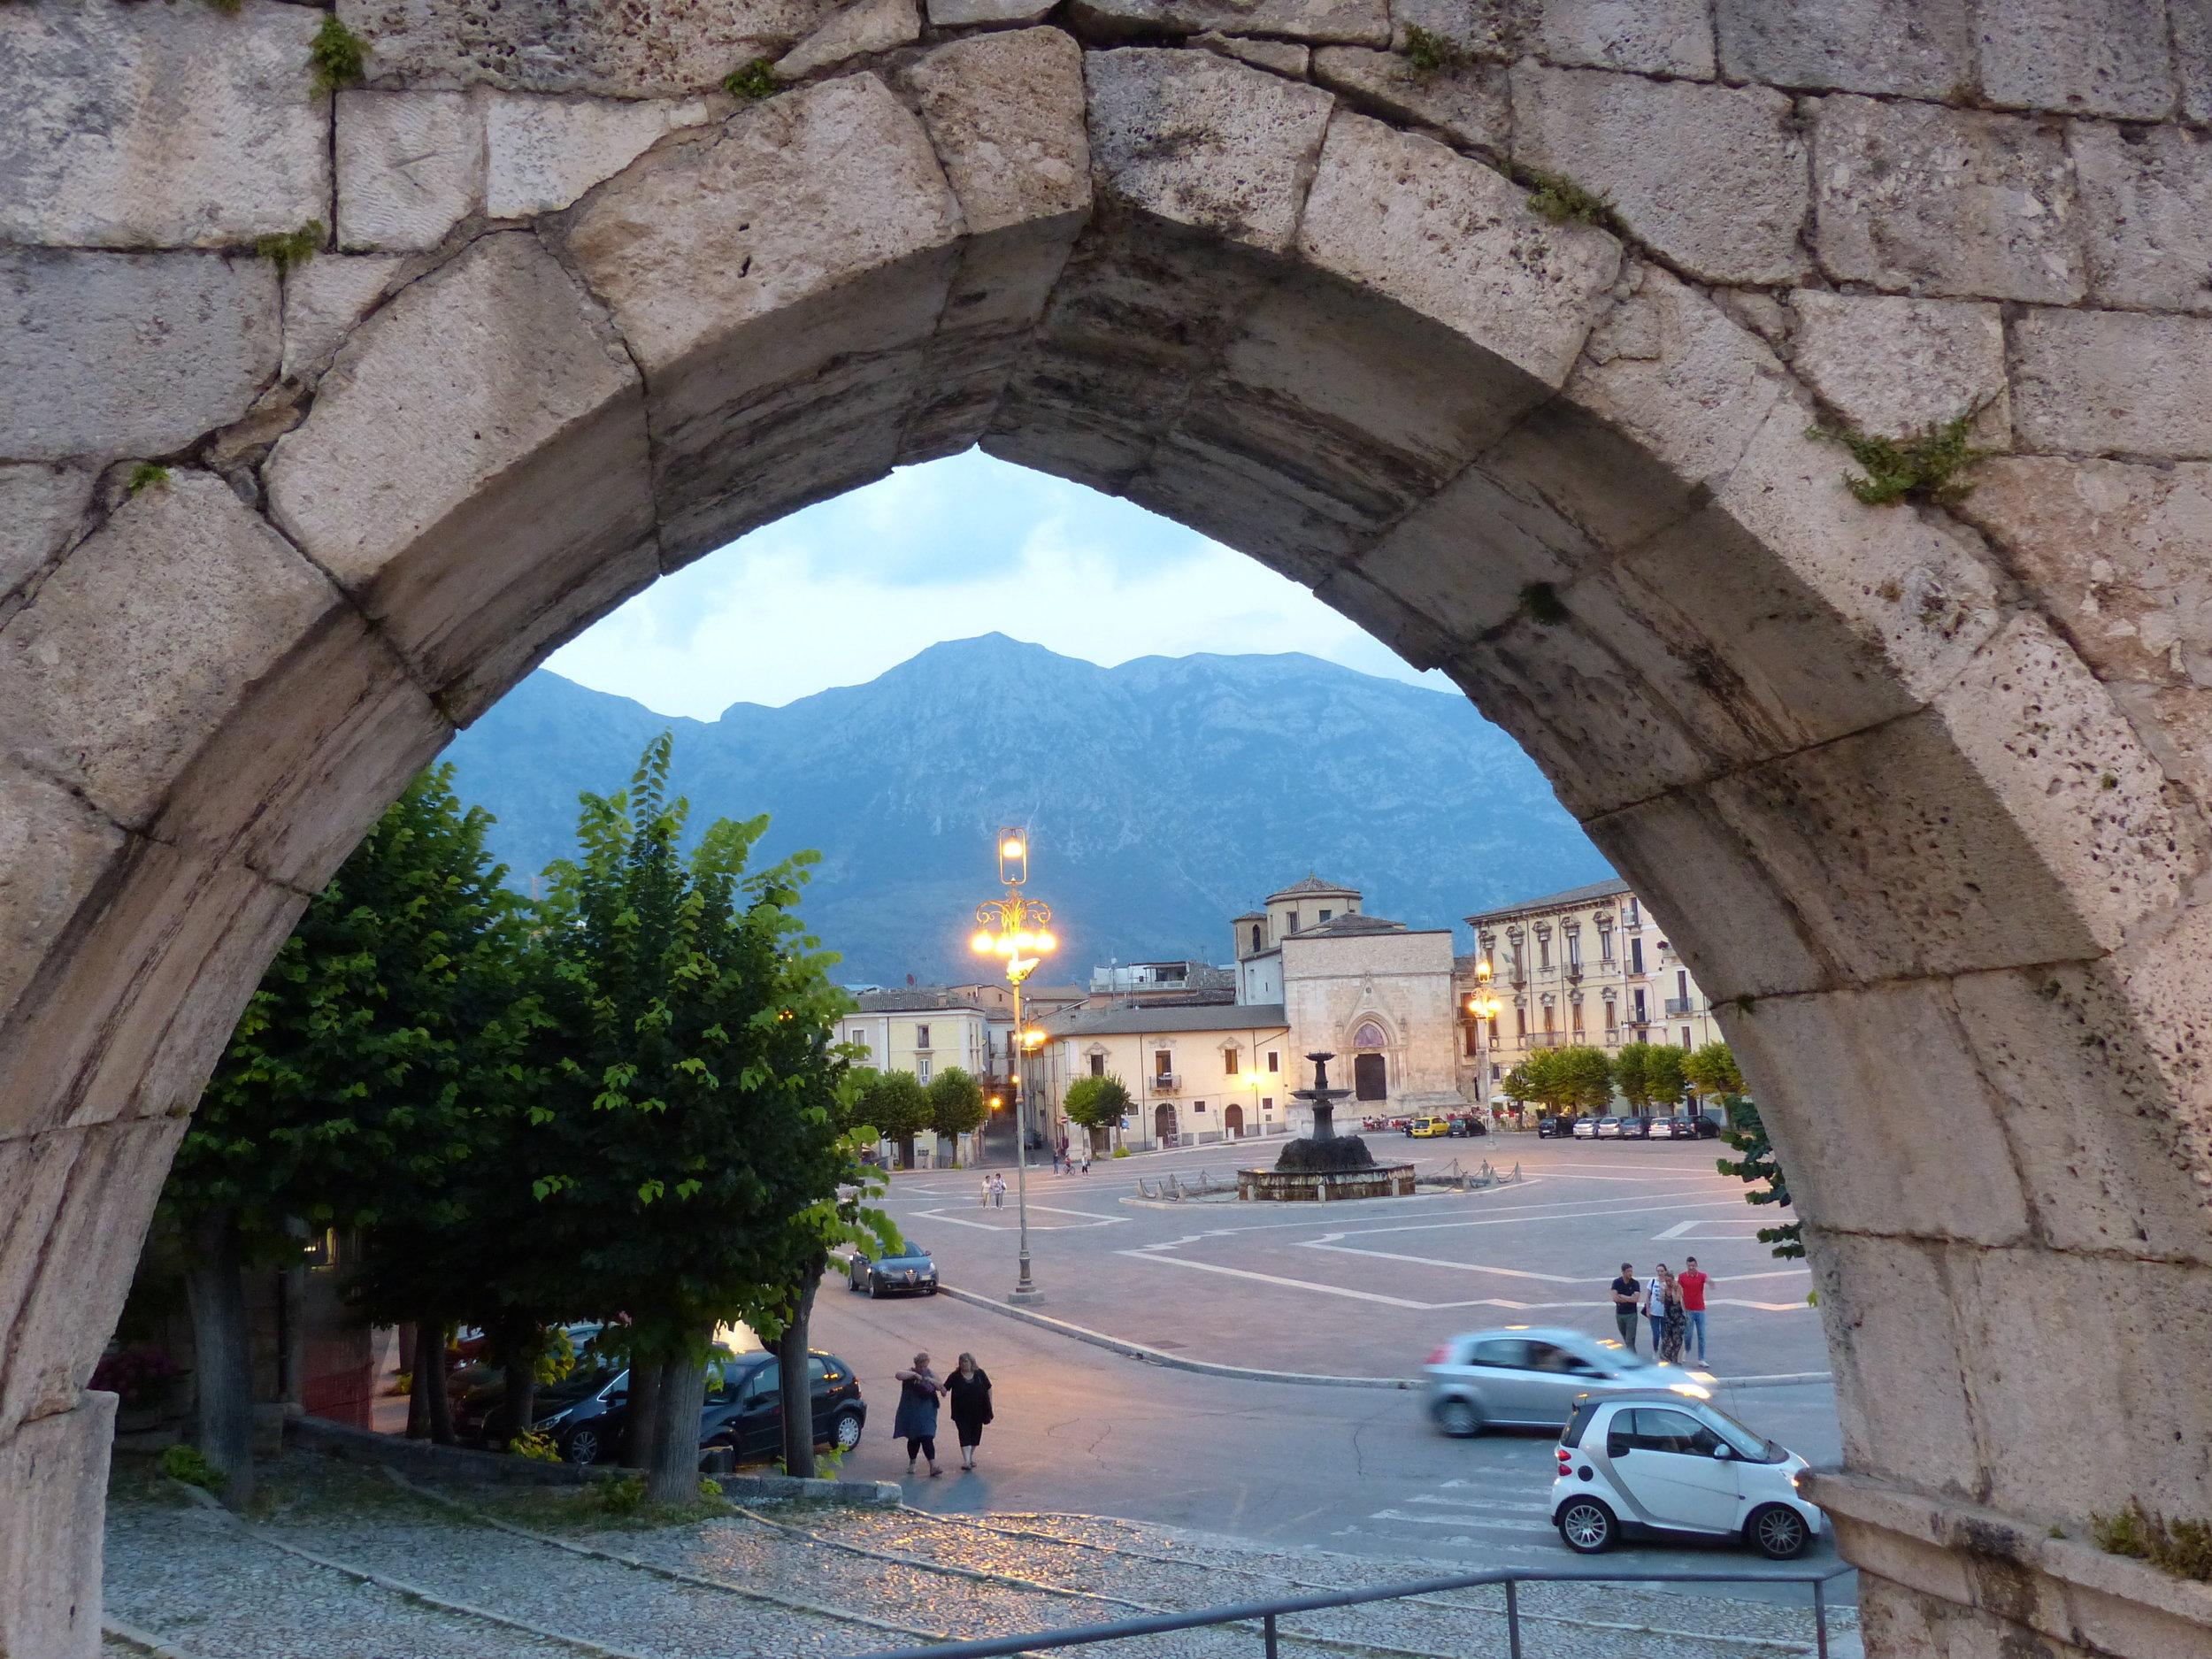 Through the aqueduct arch